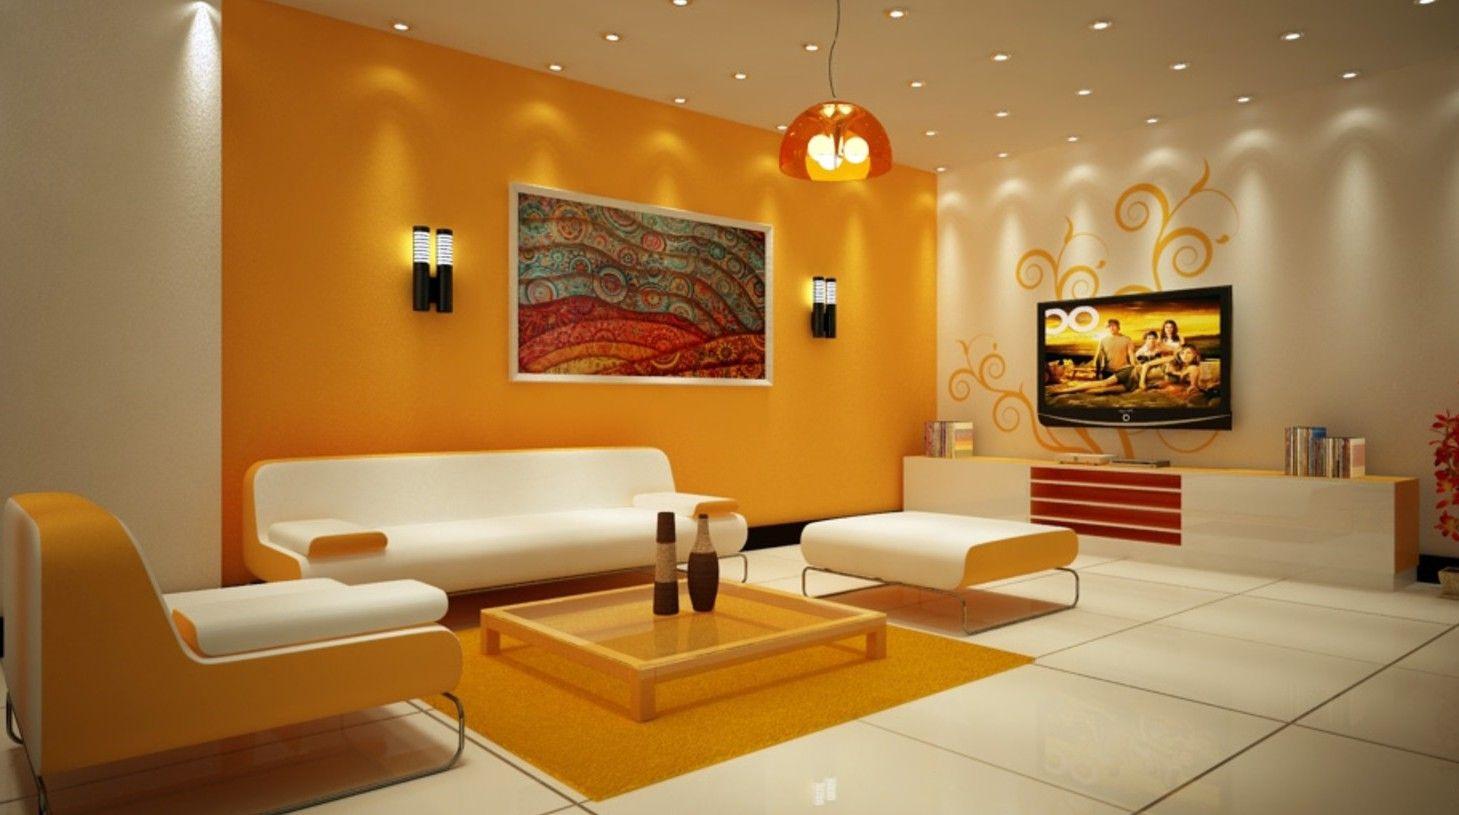 Http Ecmc2010 Com Modern Colour Schemes For Living Room Modern Colour Schemes For Living Room 1901 Living Room Wall Color Room Wall Colors Living Room Colors